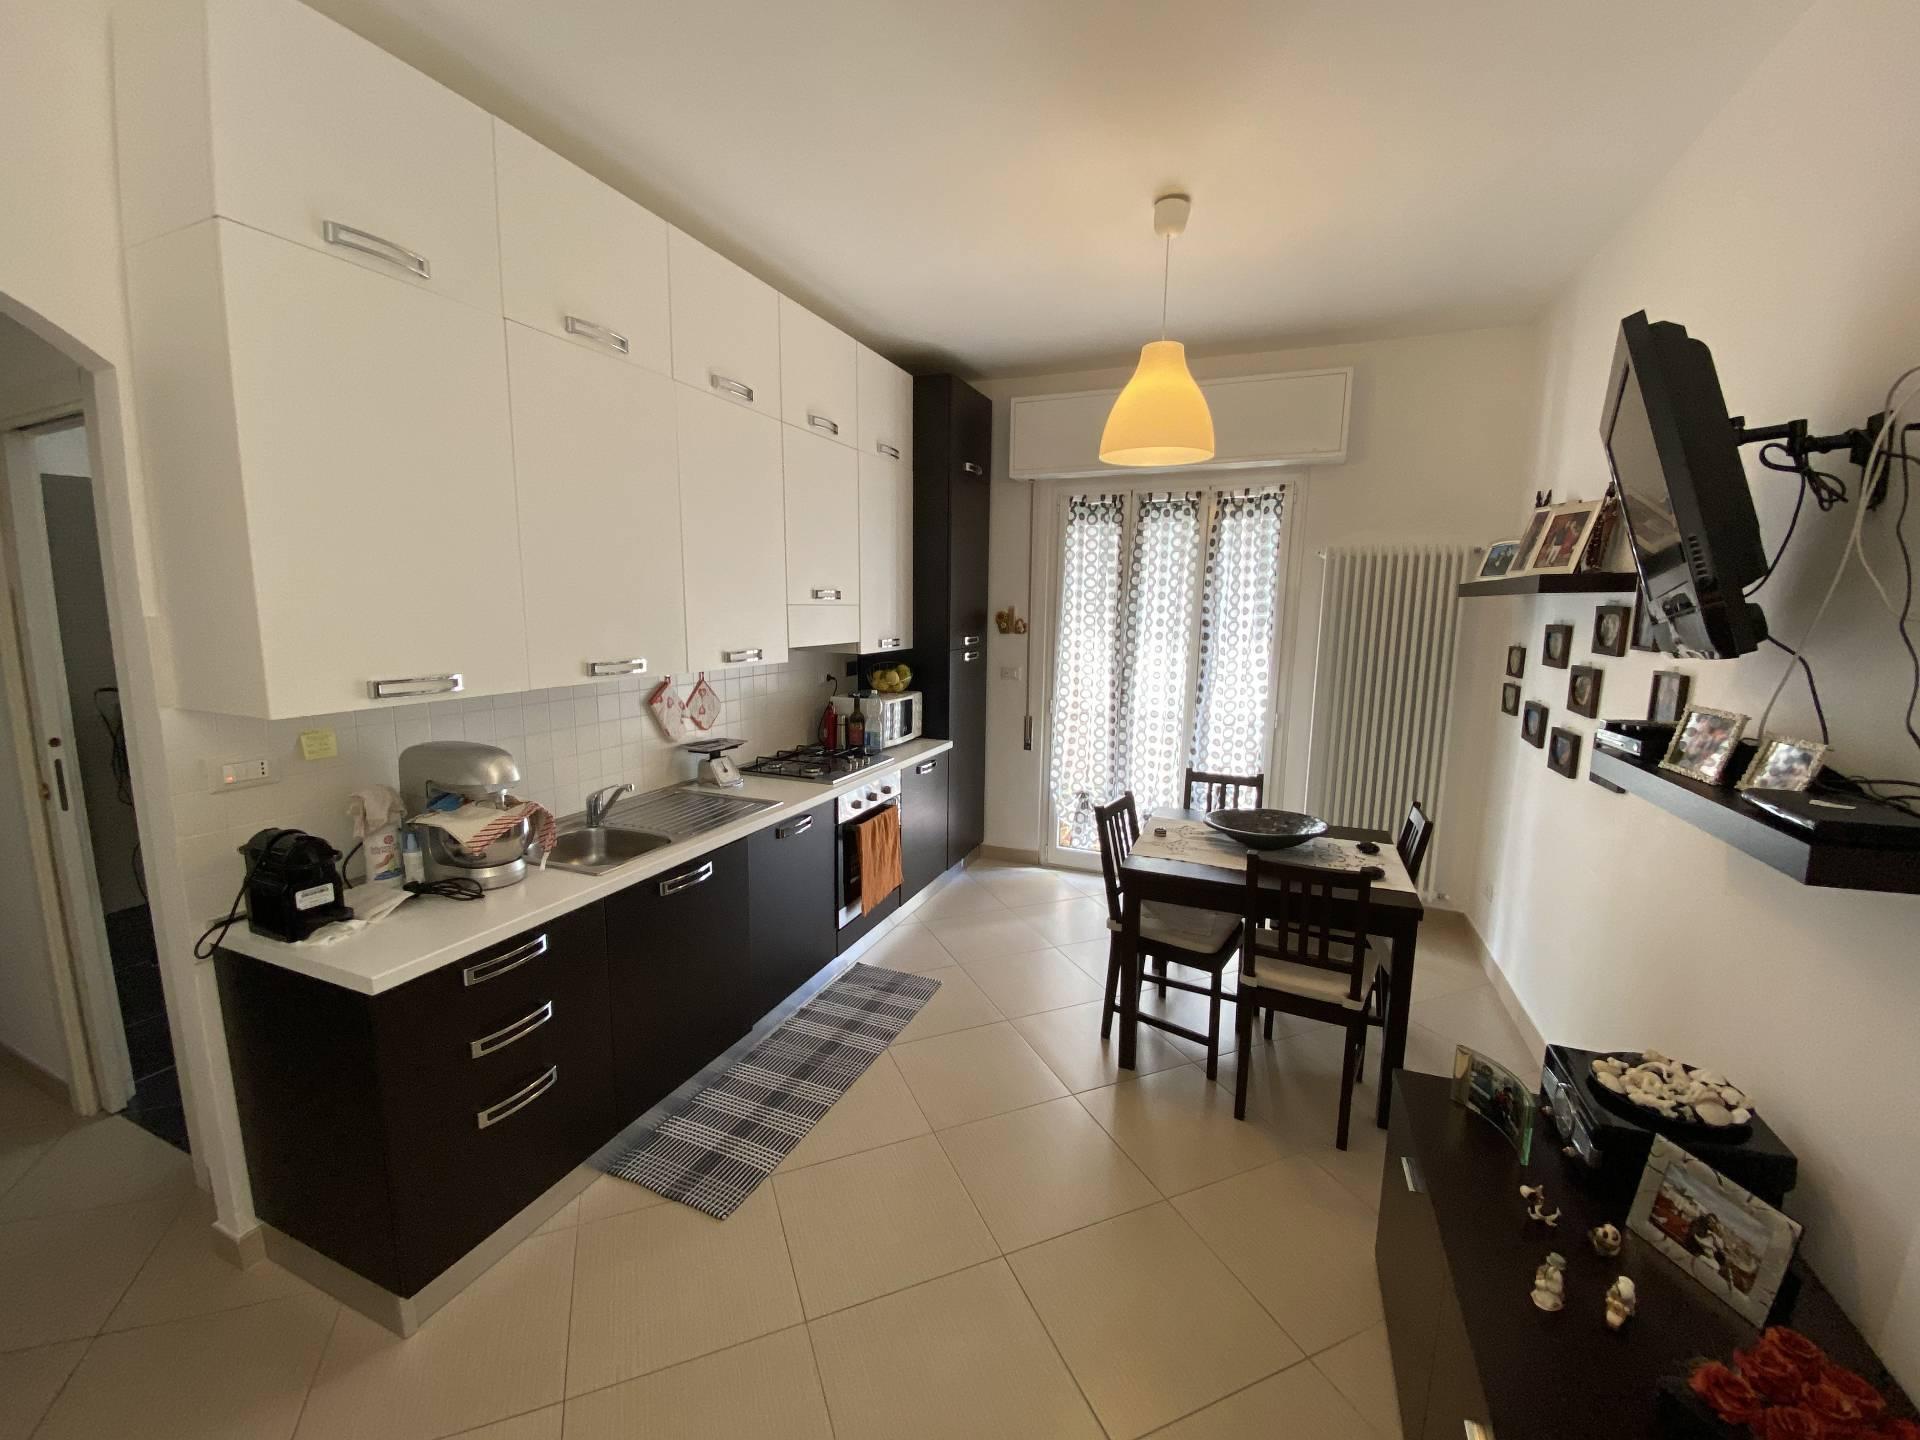 Appartamento in vendita a Finale Ligure, 3 locali, prezzo € 260.000 | CambioCasa.it